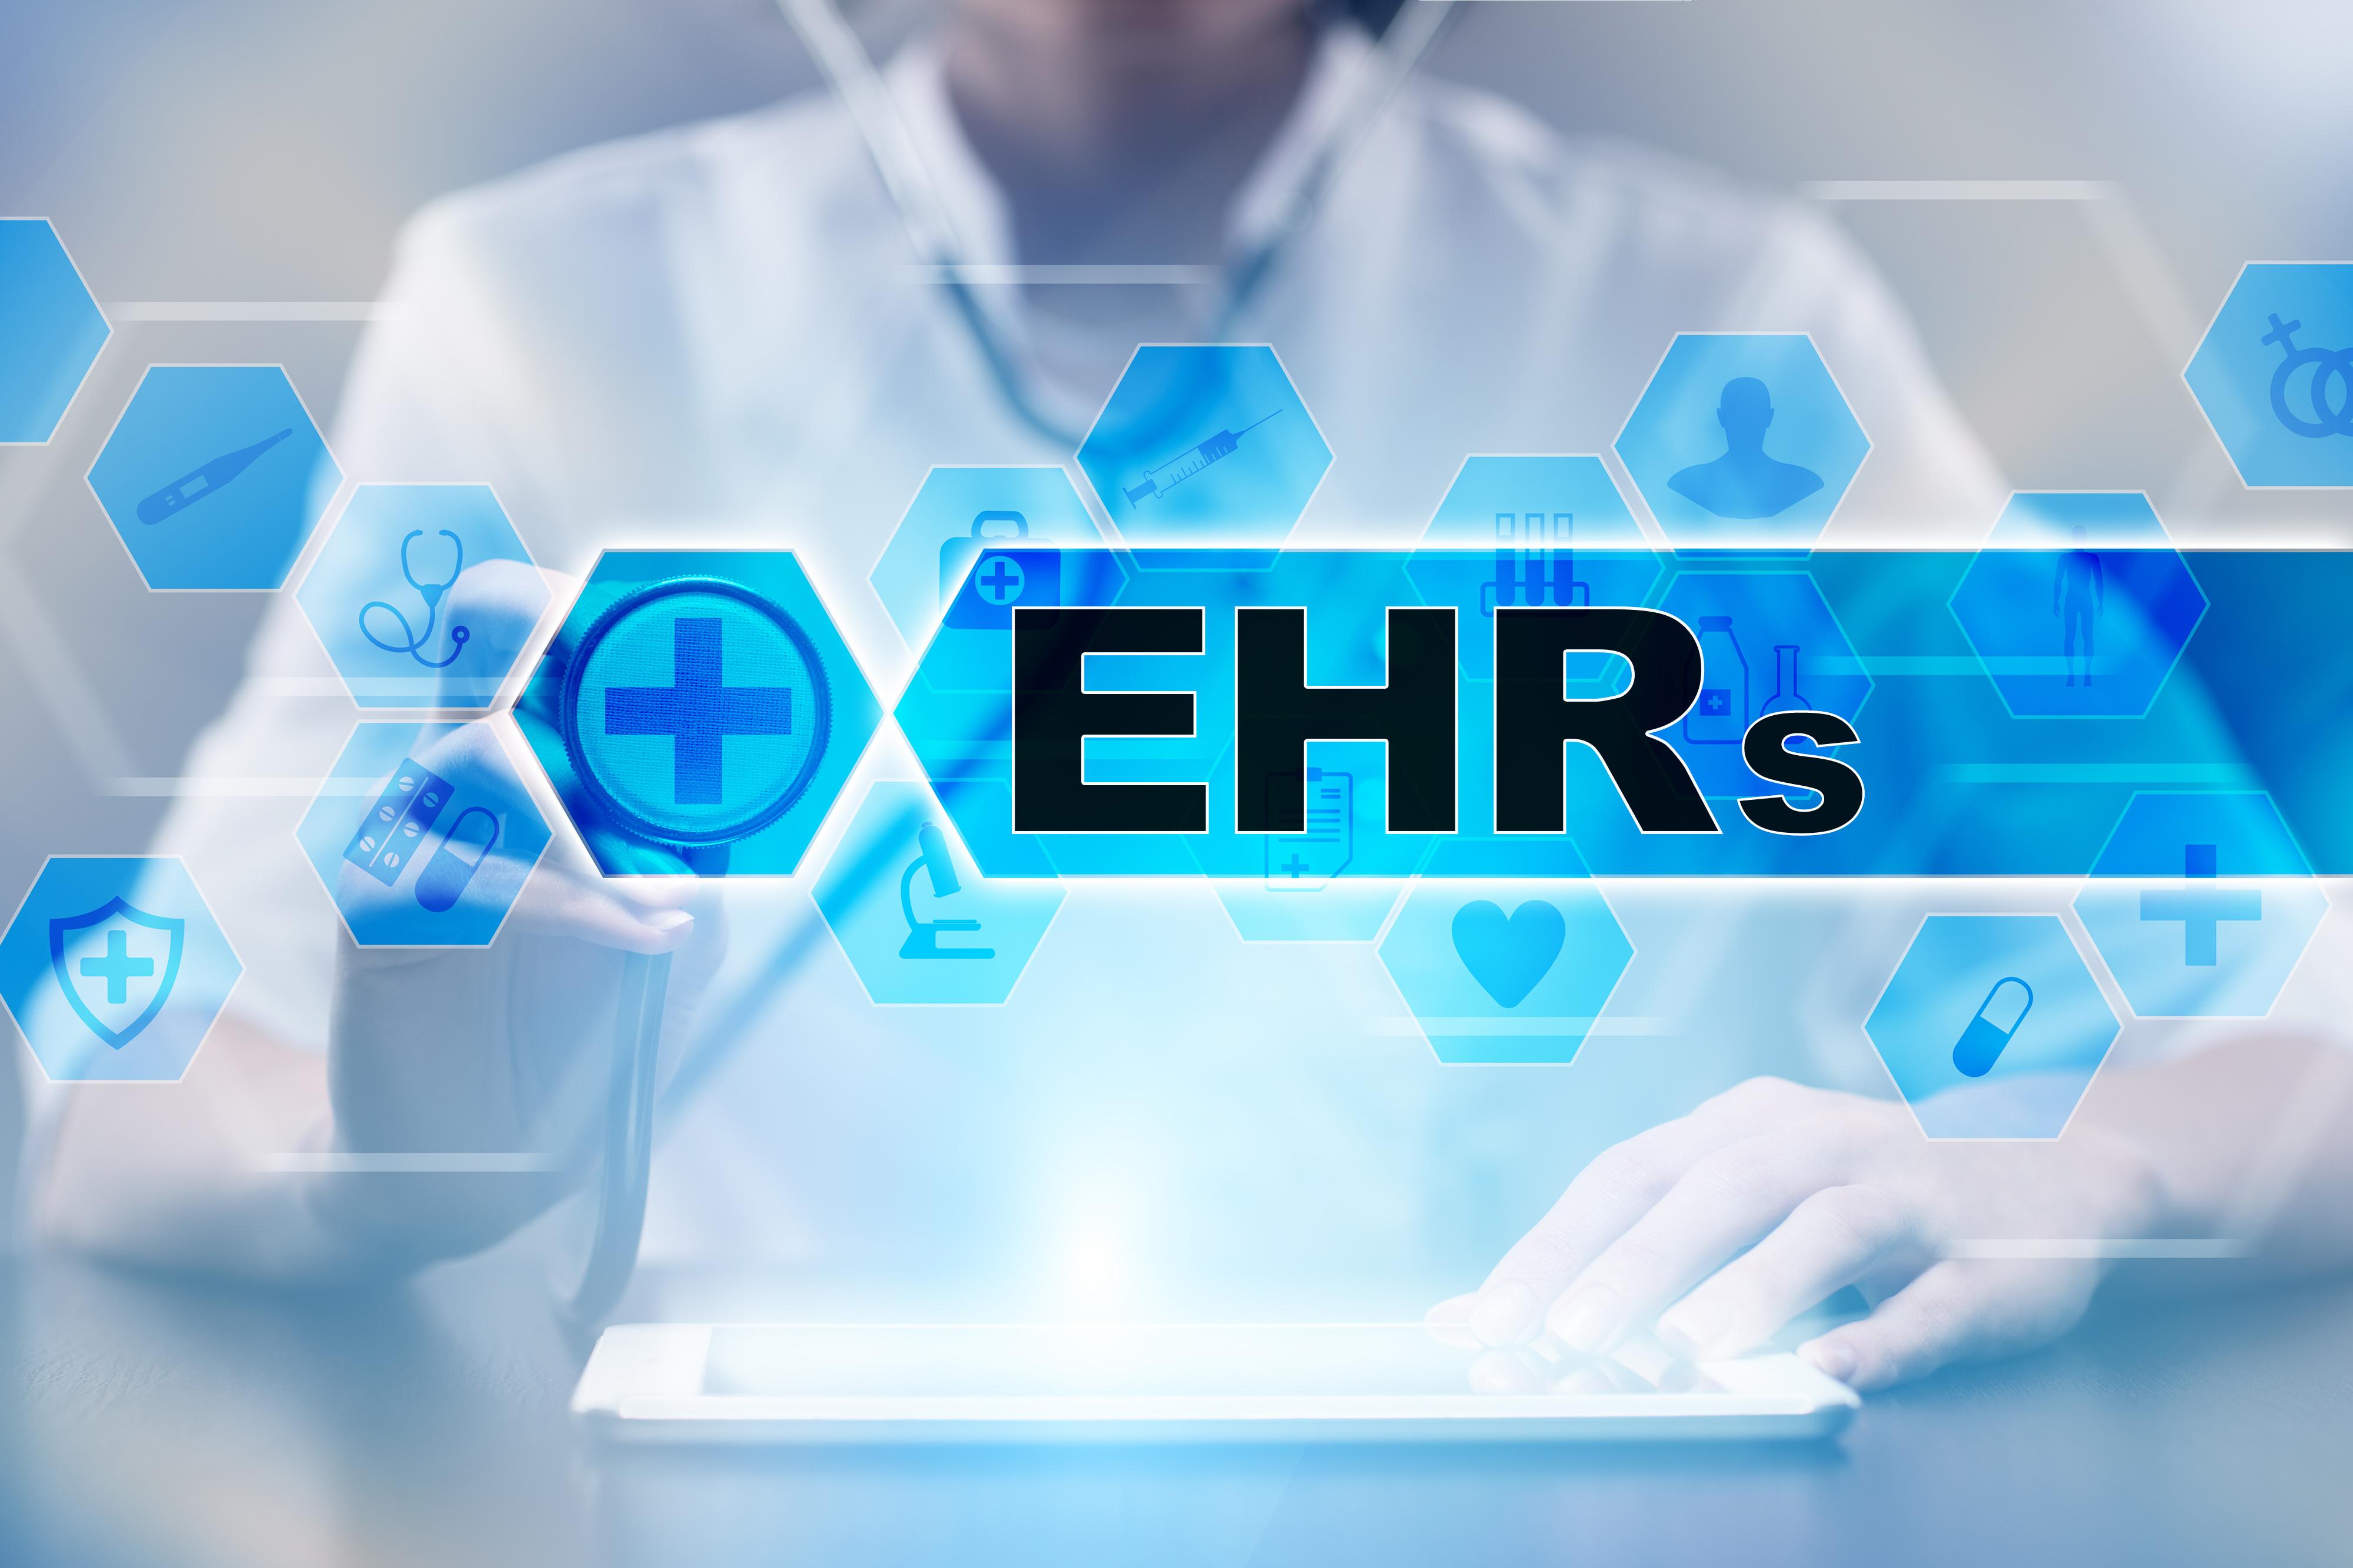 EHRs, dự án giúp tối ưu hóa quy trình khám chữa bệnh cho người dân.